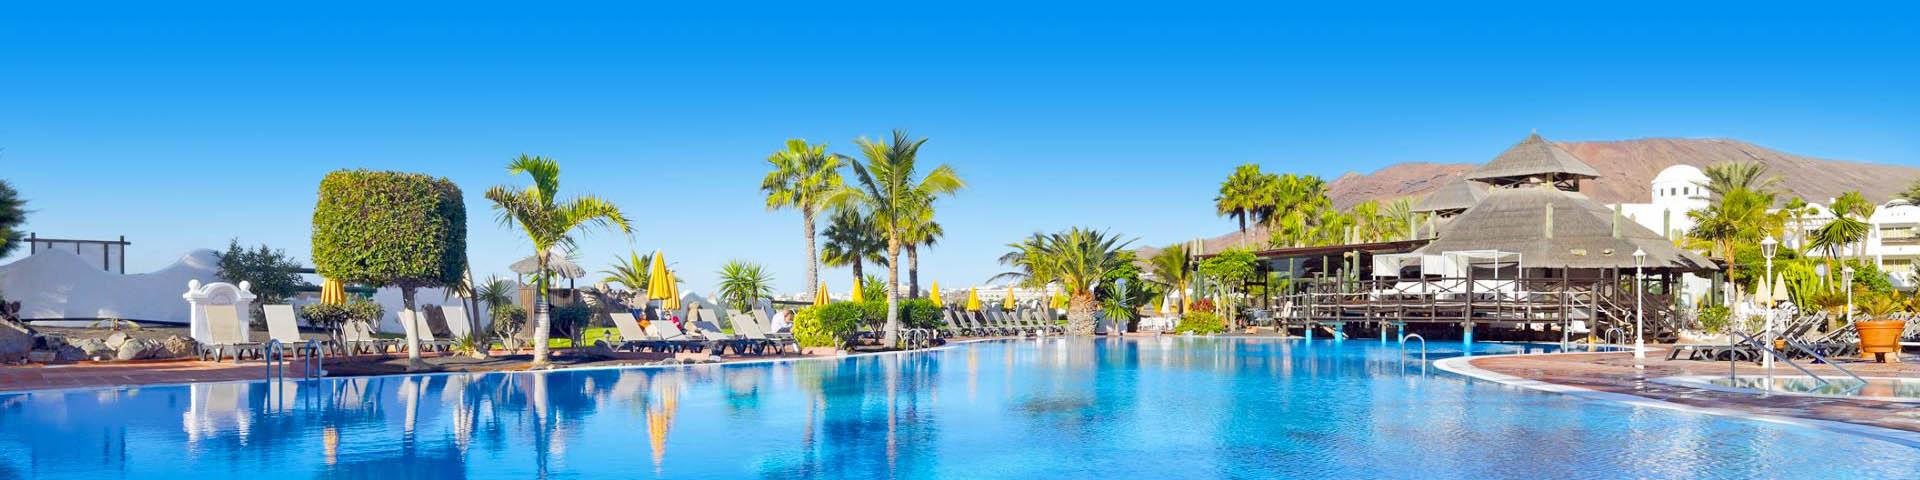 All Inclusive resort met groot zwembad, ligbedjes en palmbomen op Lanzarote